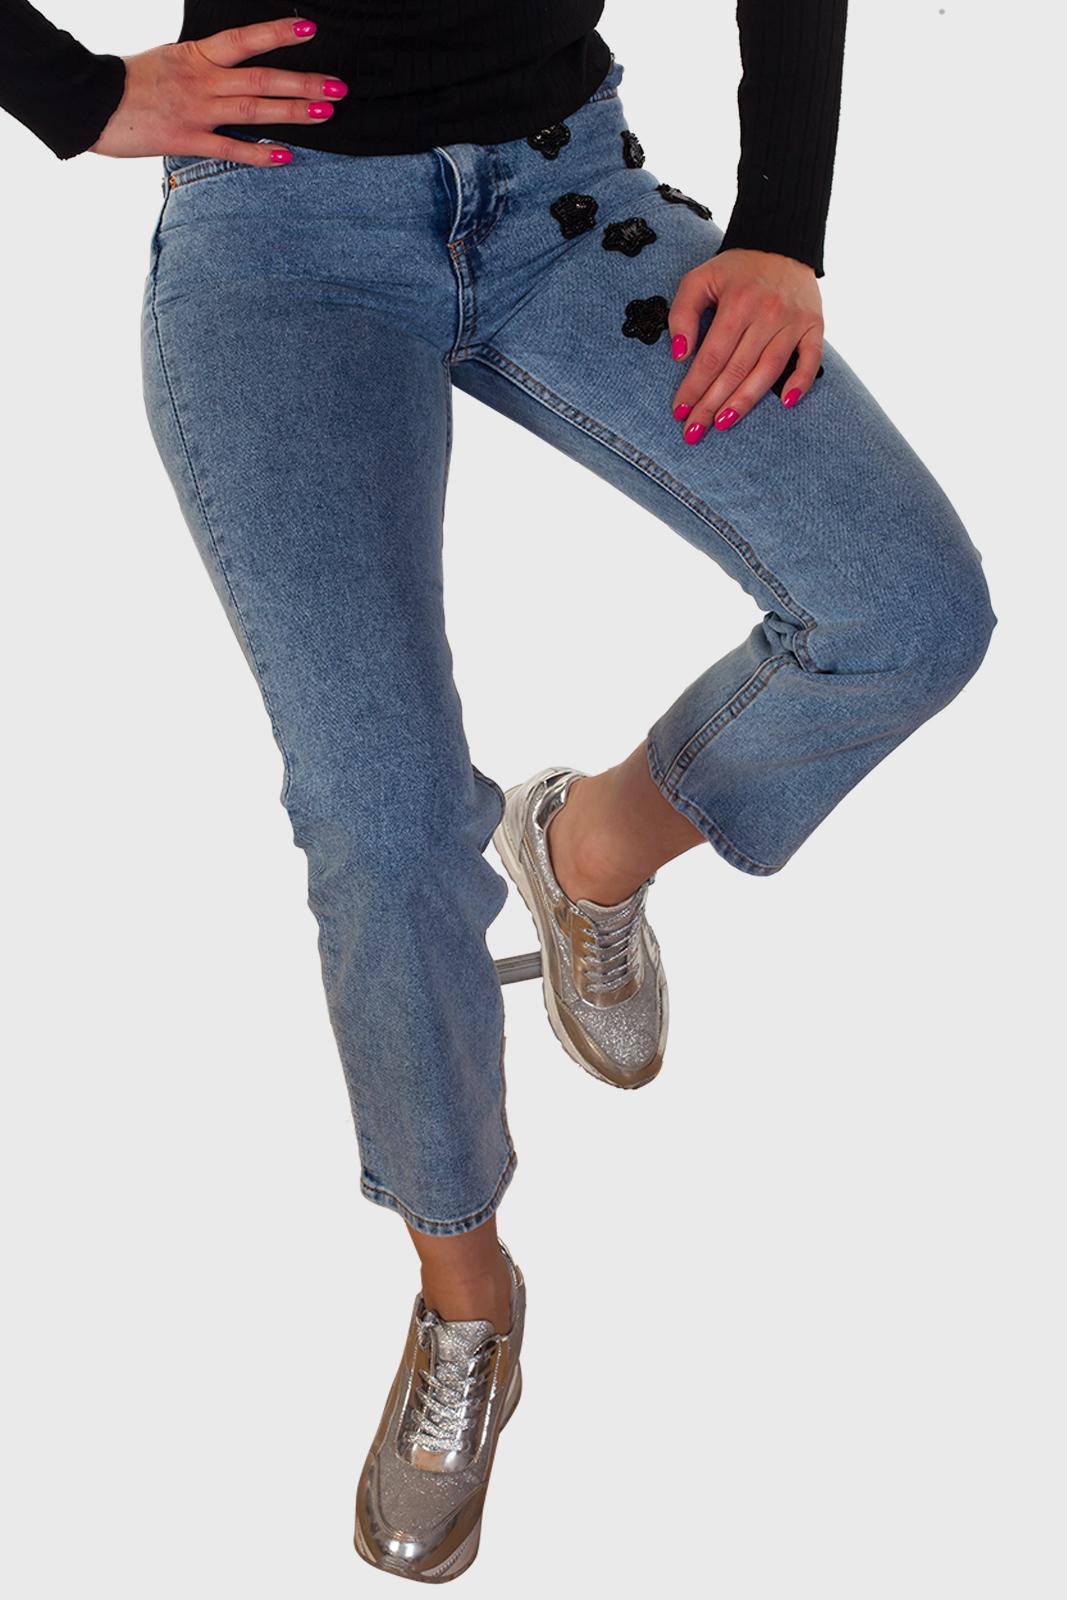 Укороченные женские джинсы - стильные и практичные